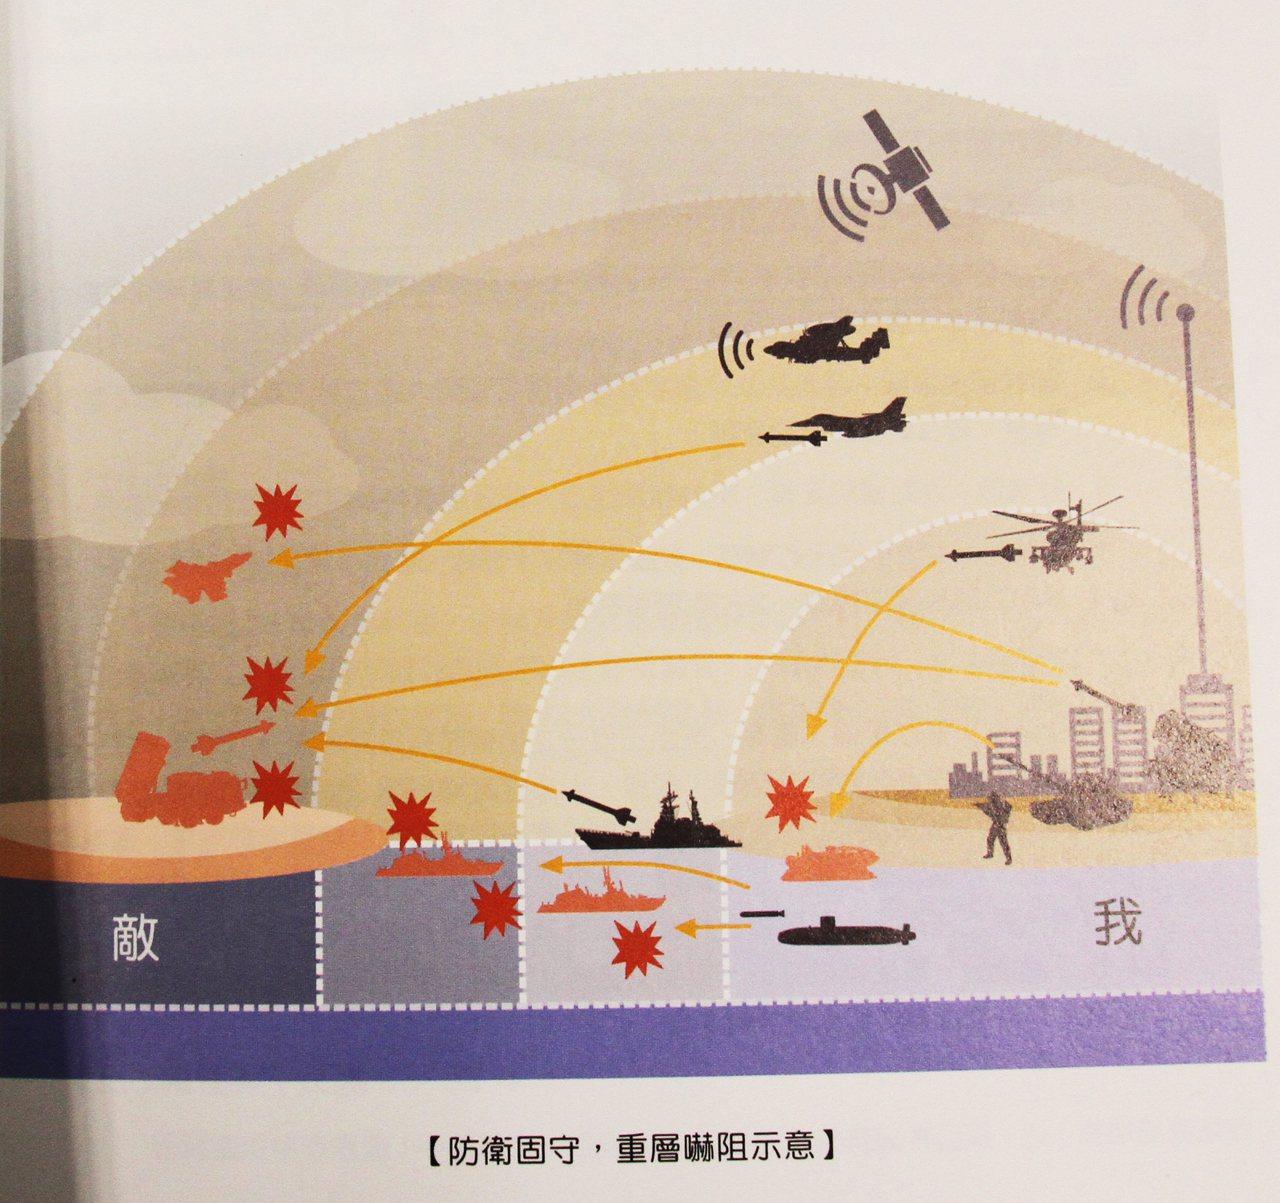 國防部上午發布「中華民國106年國防報告書」,以圖表說明重層嚇阻戰略概念。記者洪...